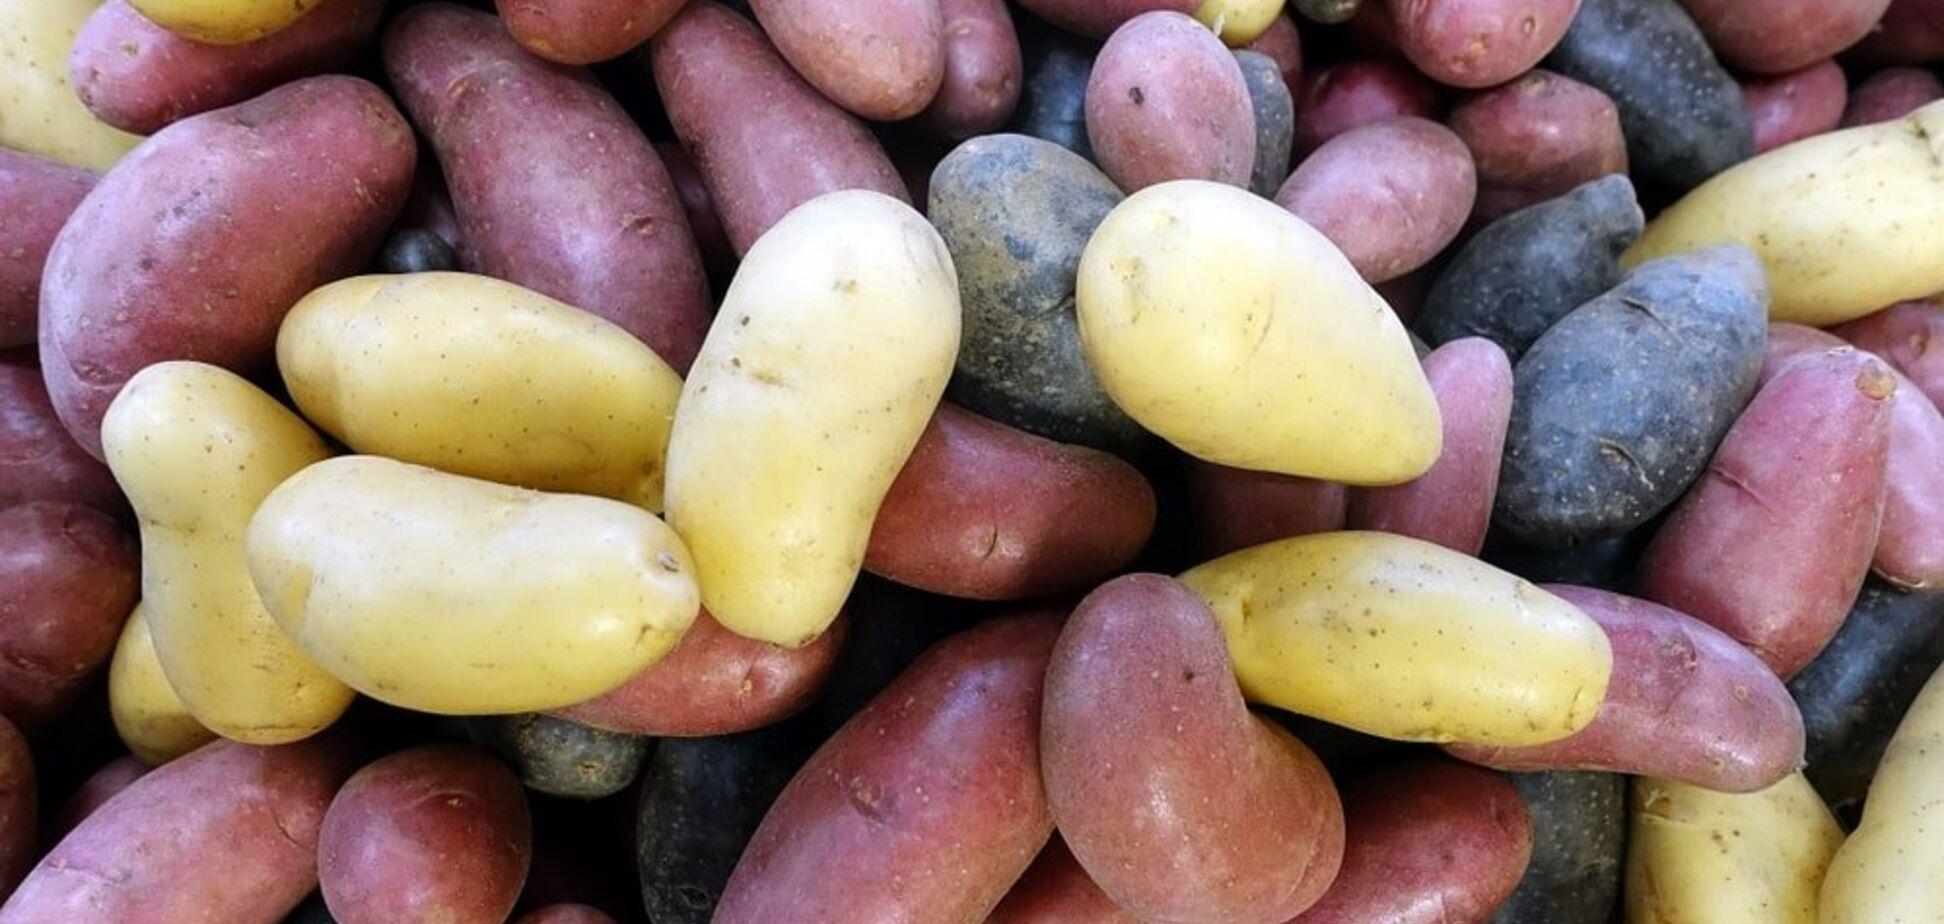 500 євро за кілограм: кілька невідомих фактів про картоплю